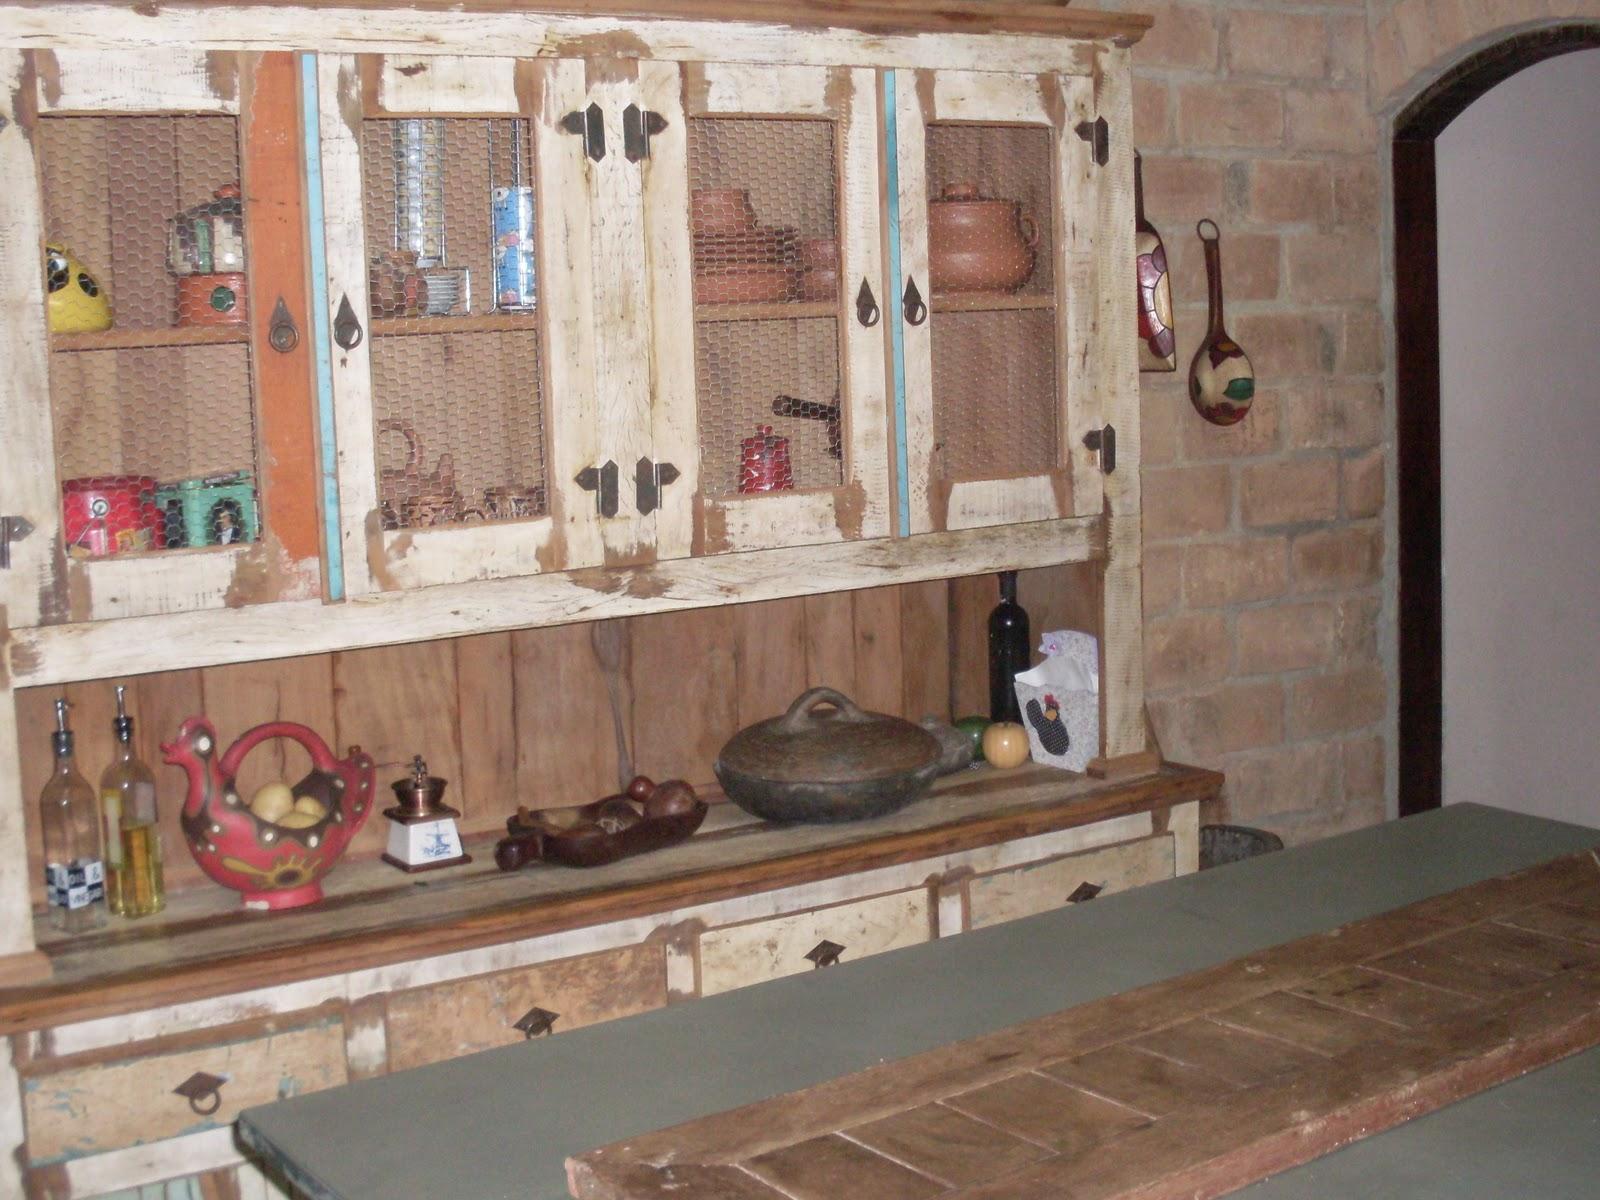 Cozinha Rústica de John Jeito de Casa Blog de Decoração #955F36 1600 1200